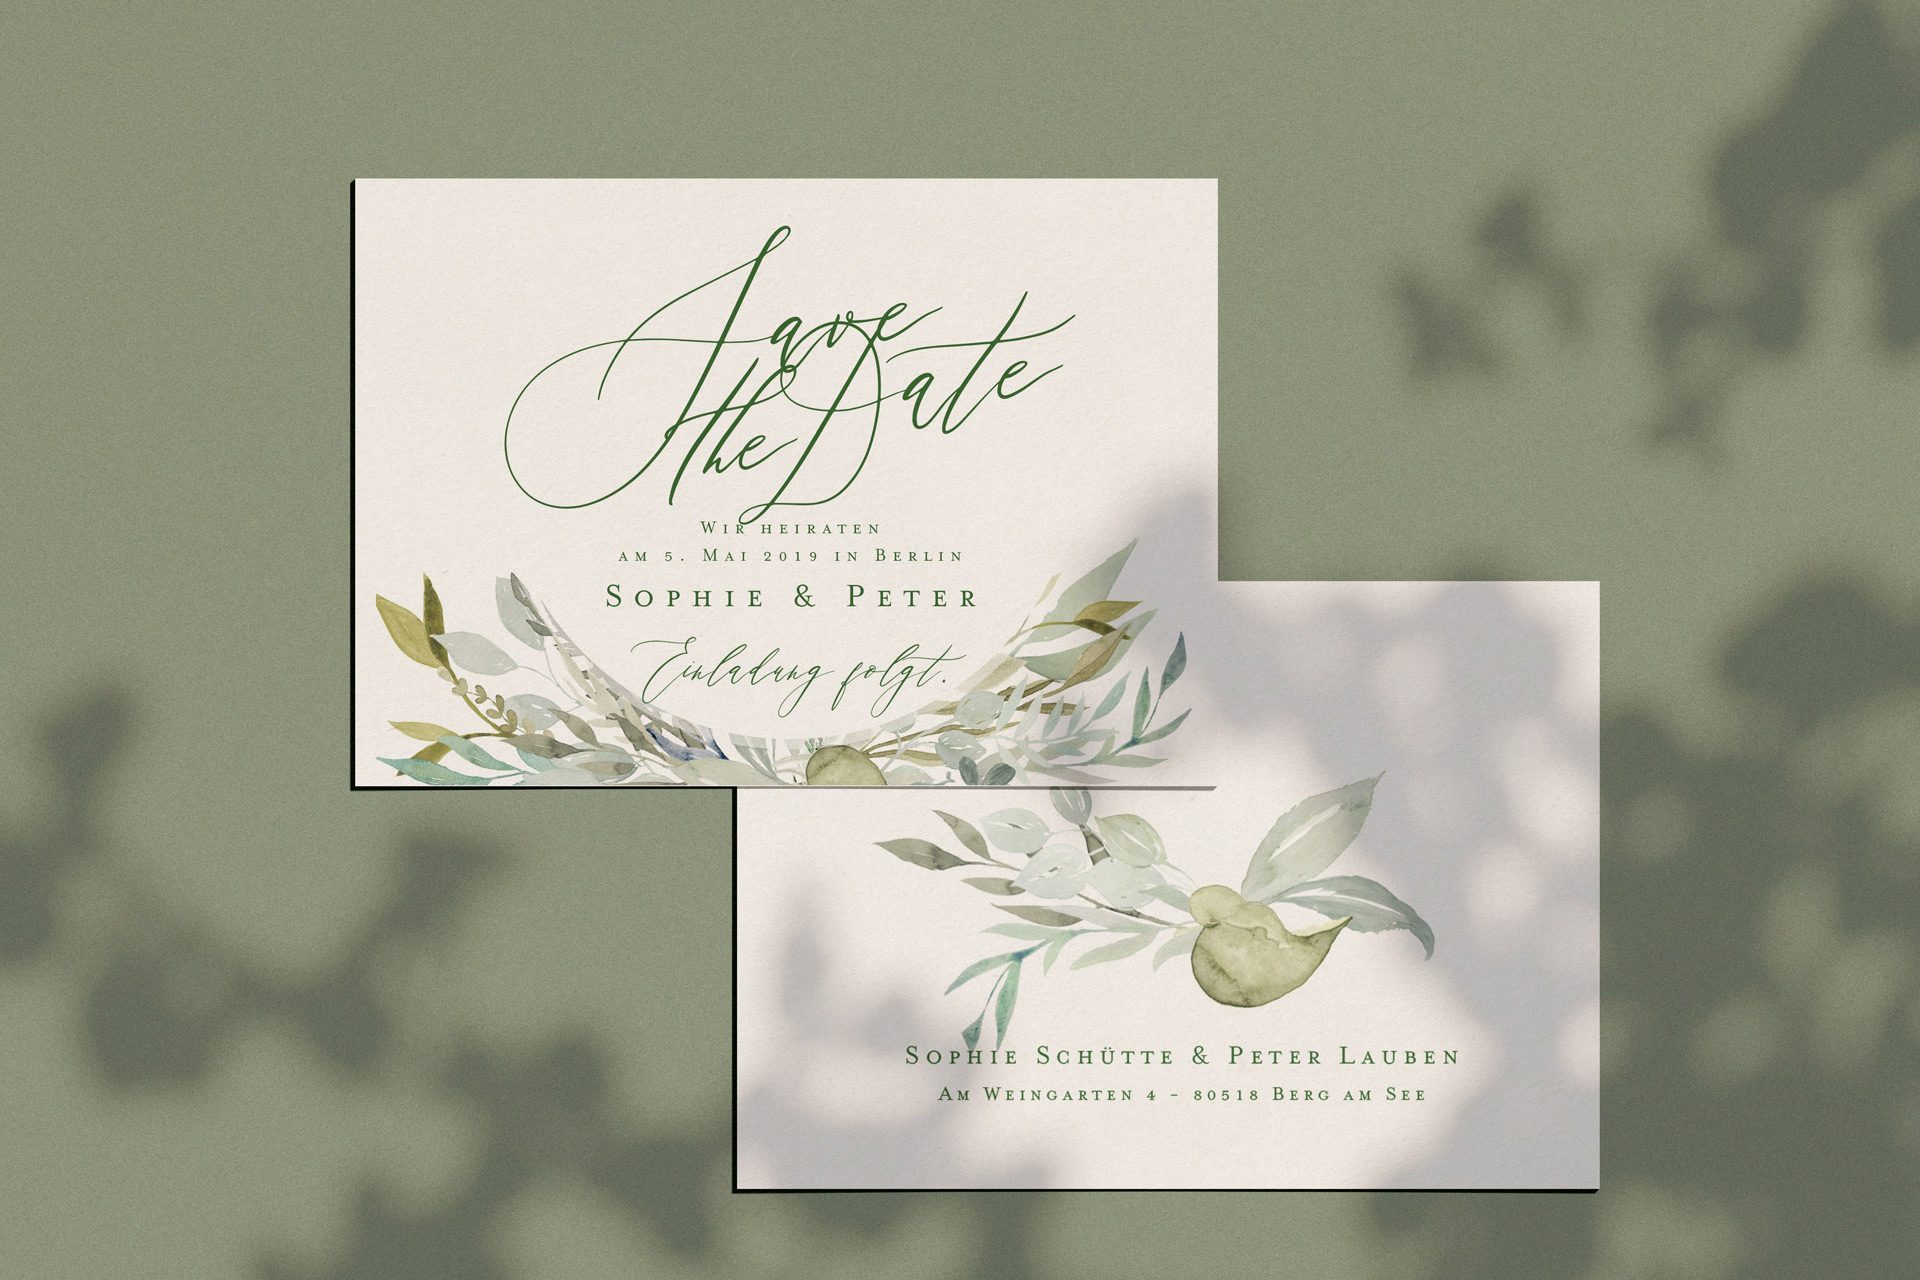 Save the Date Karte der Linie Botanical mit viel Grün und Greenery für Ihr Hochzeit.